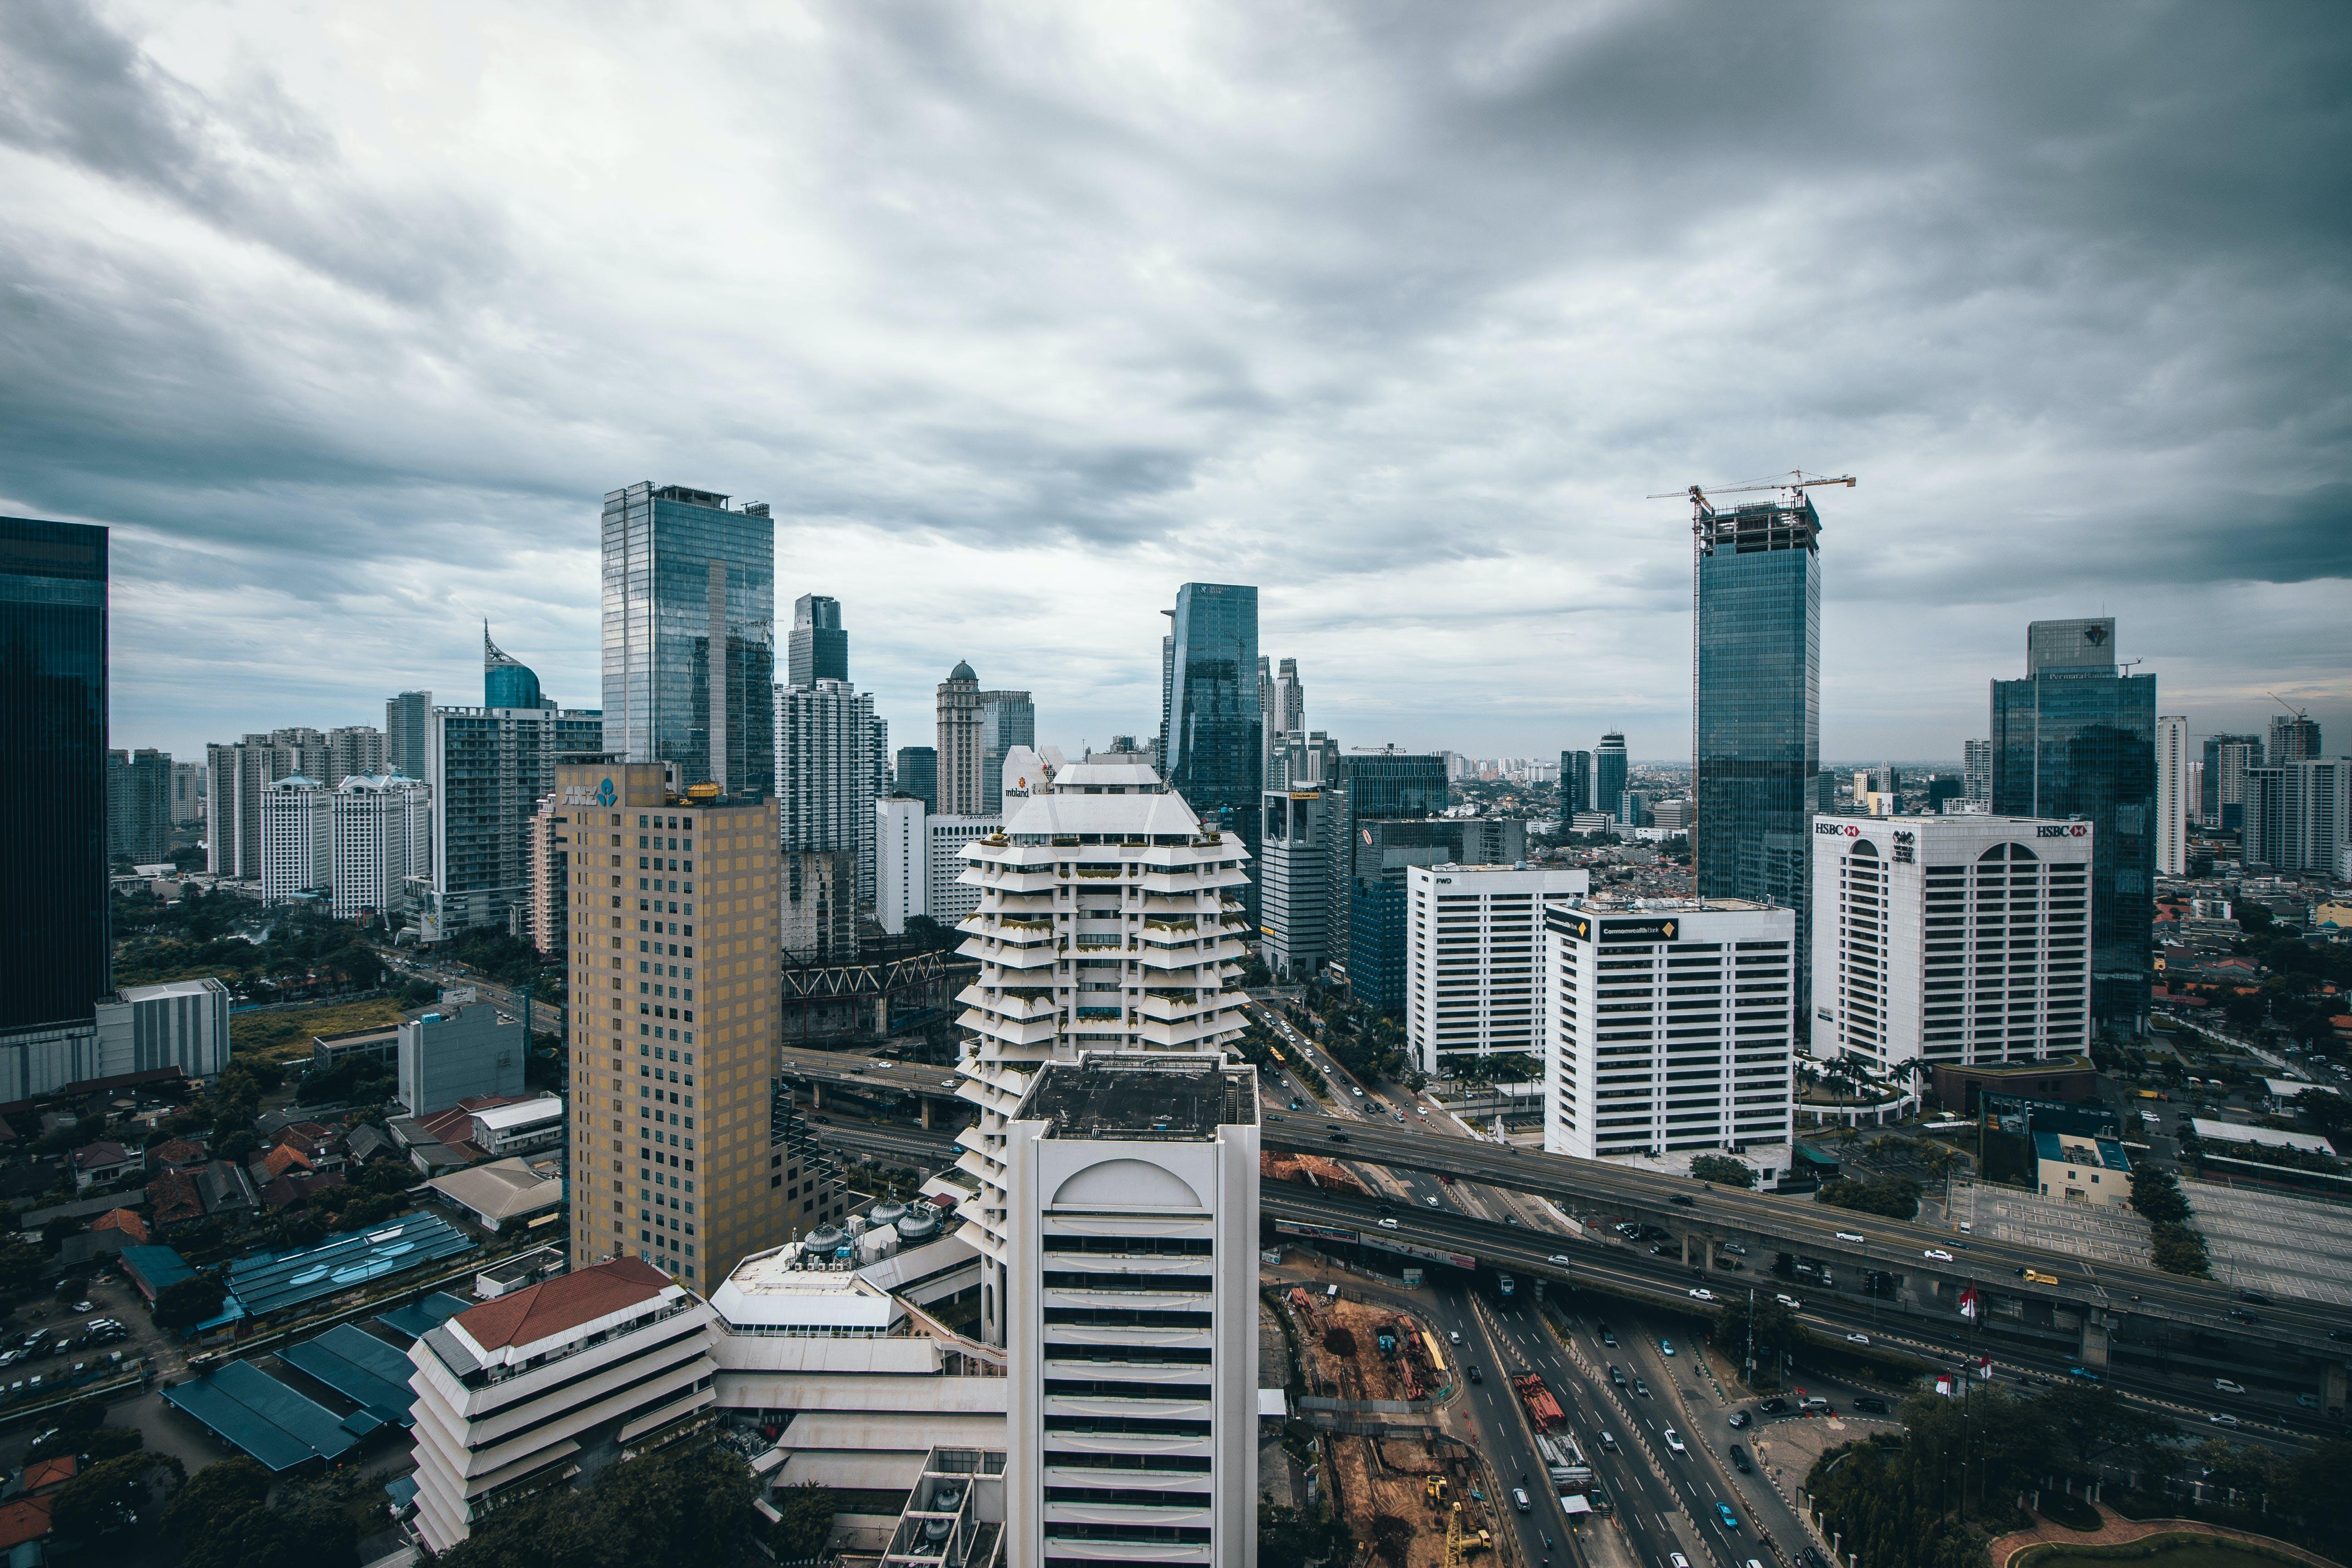 Kostenloses Stock Foto zu stadt, skyline, gebäude, wolkenkratzer